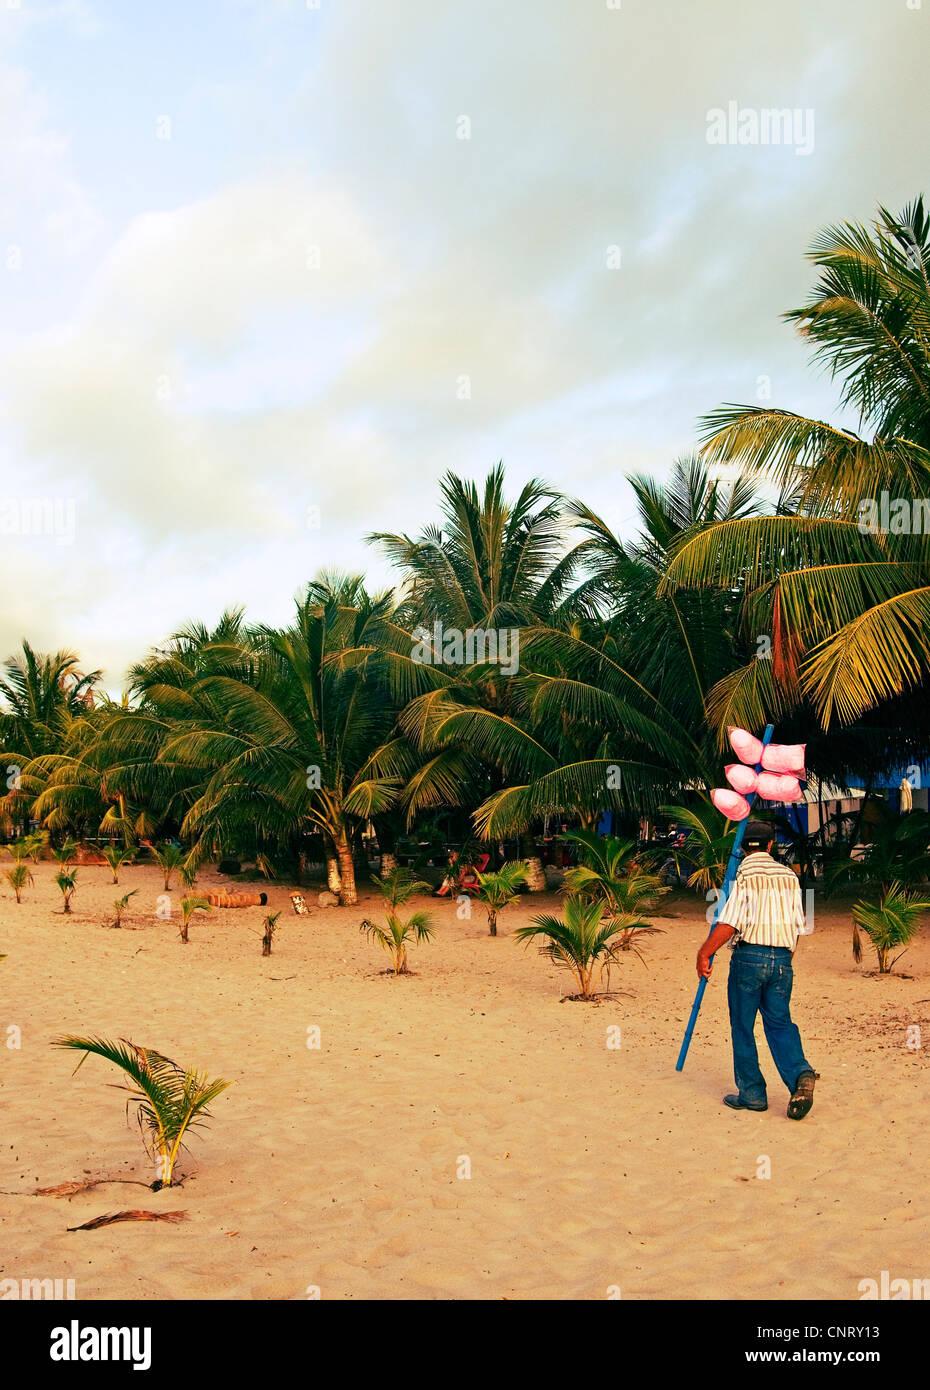 Vendedor de algodón dulce en la playa en Tela. Imagen De Stock